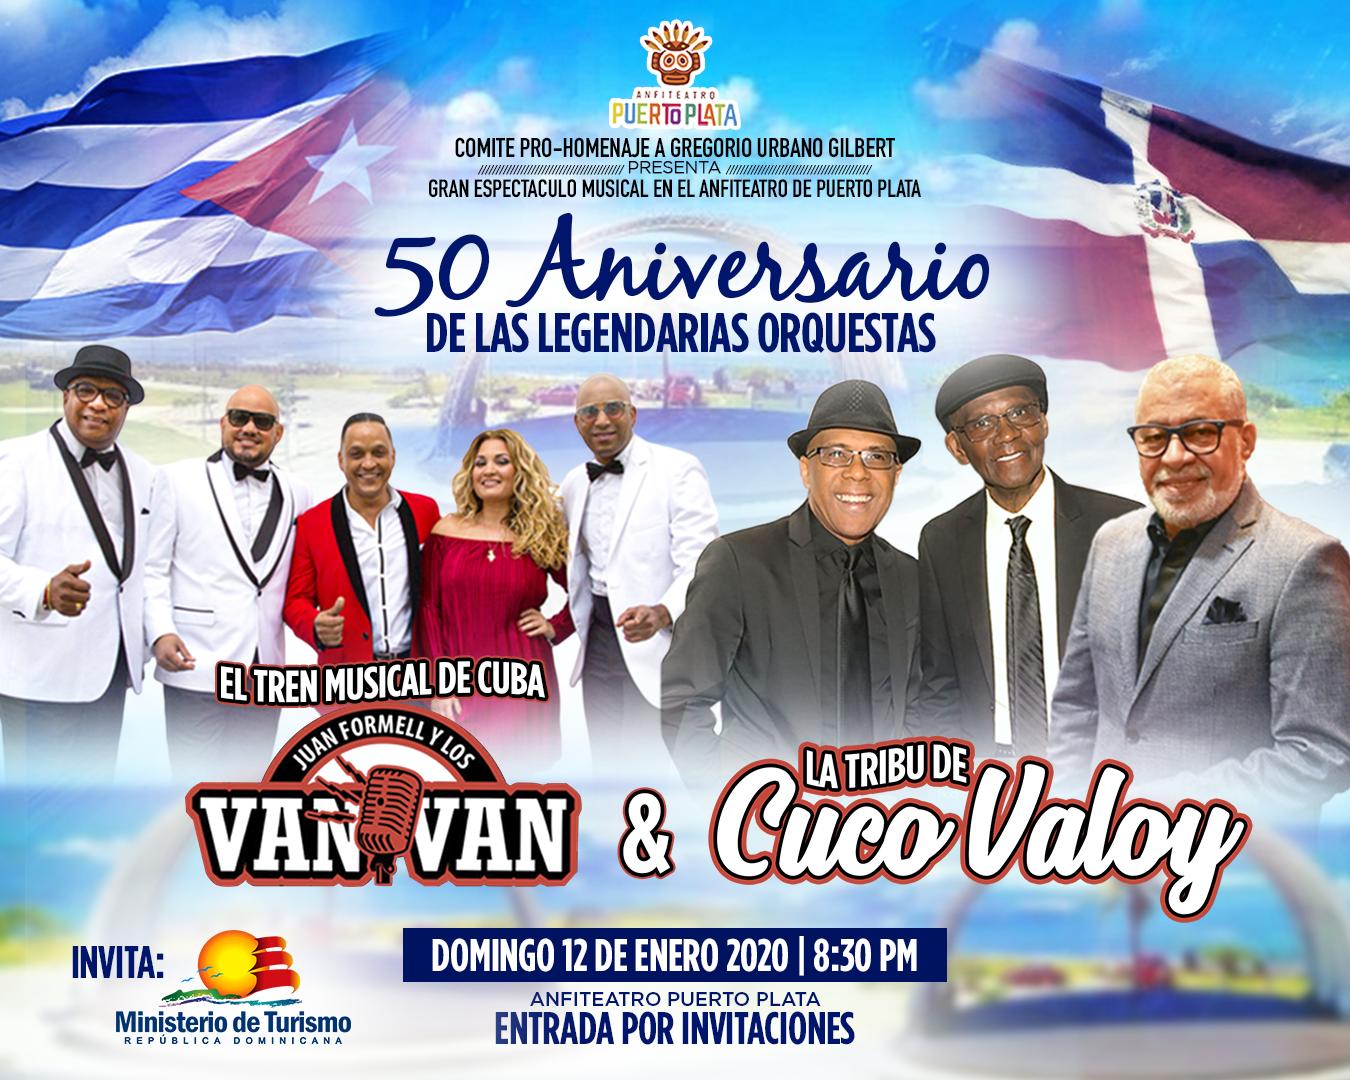 Cuco Valoy y Los Van Van celebran juntos sus 50